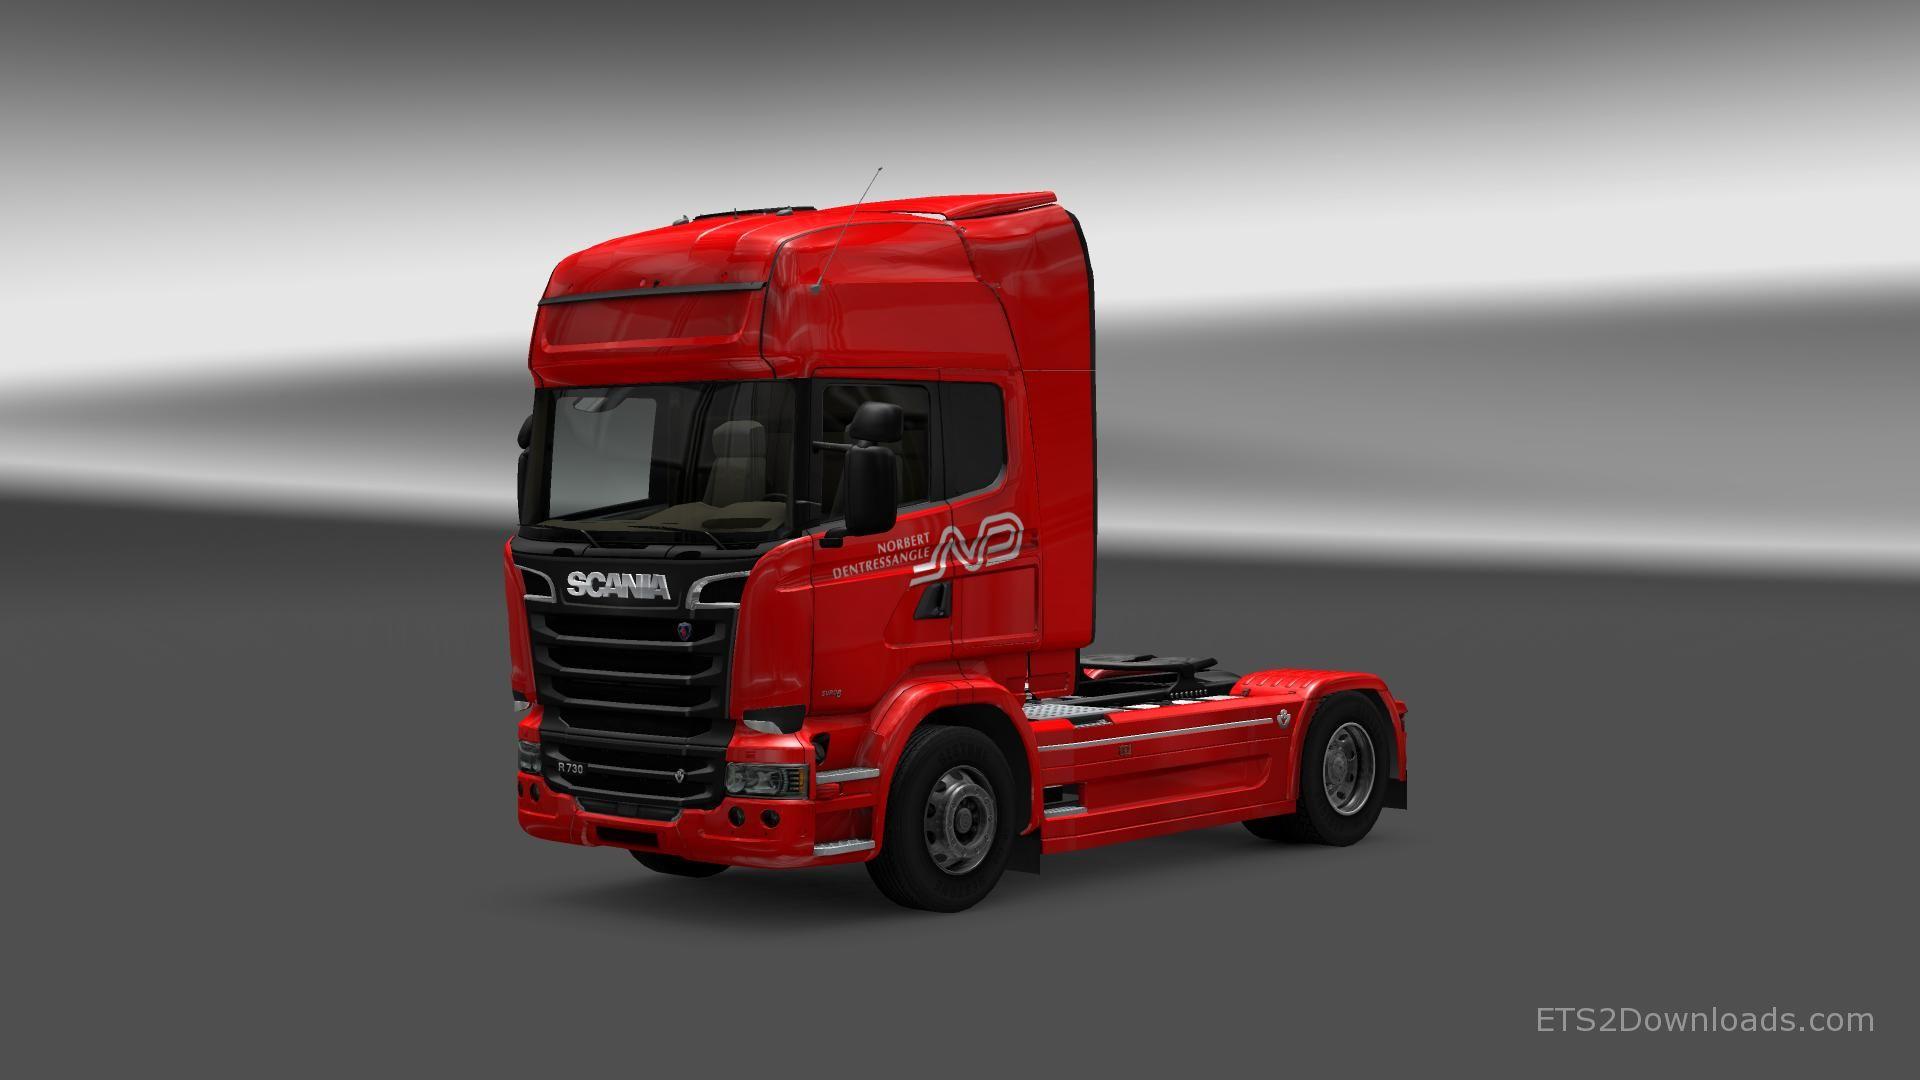 norbet-dentressangle-skin-pack-for-all-trucks-8